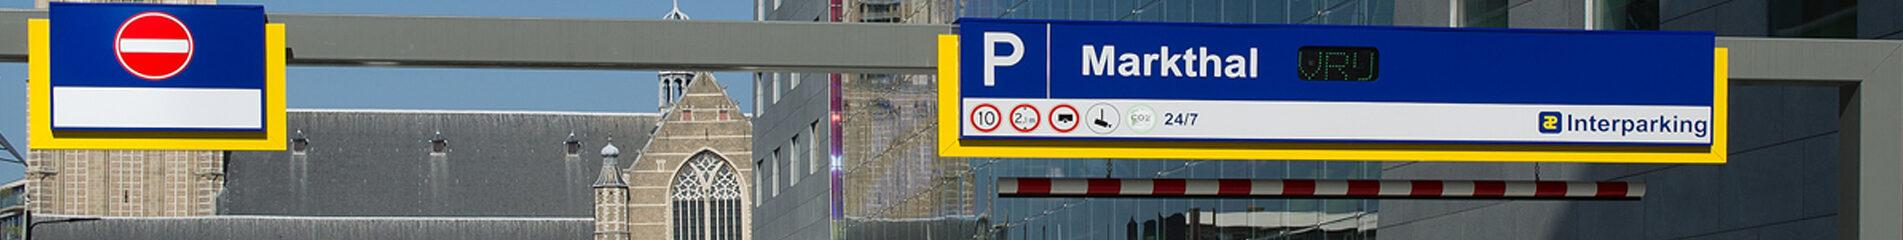 markthal-buitenbewegwijzering-signpartners